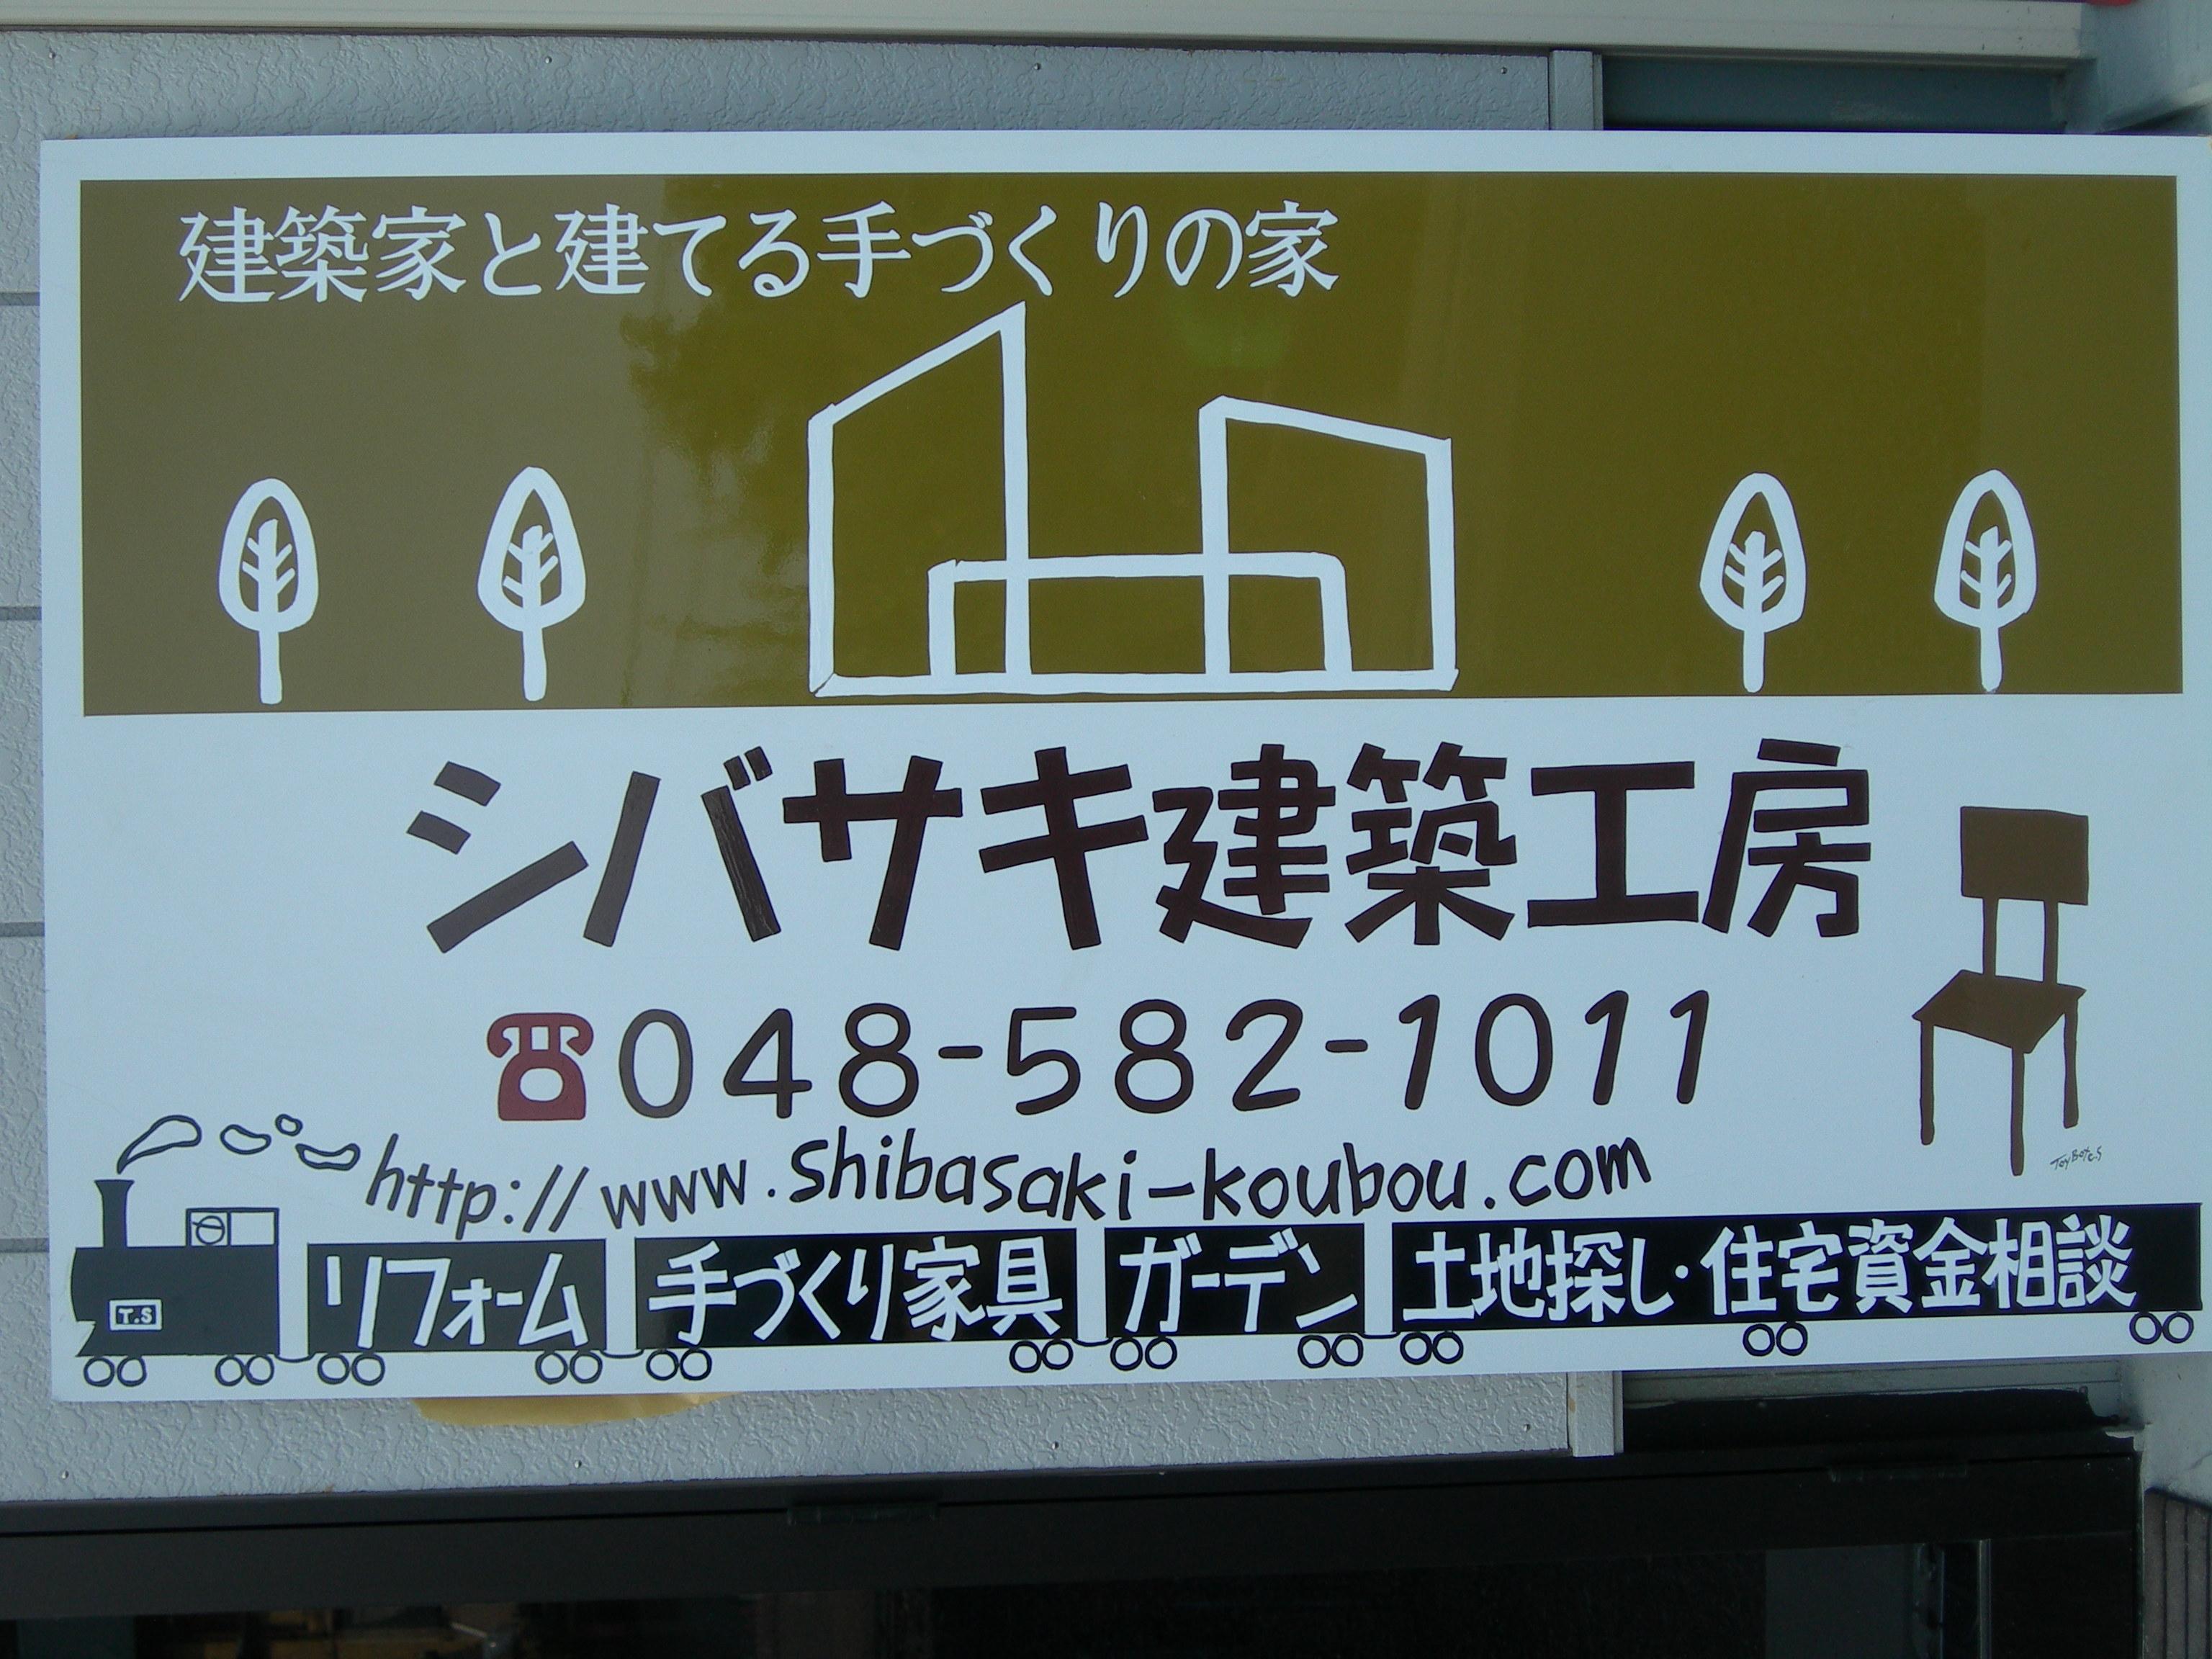 シバサキ建築工房様 看板